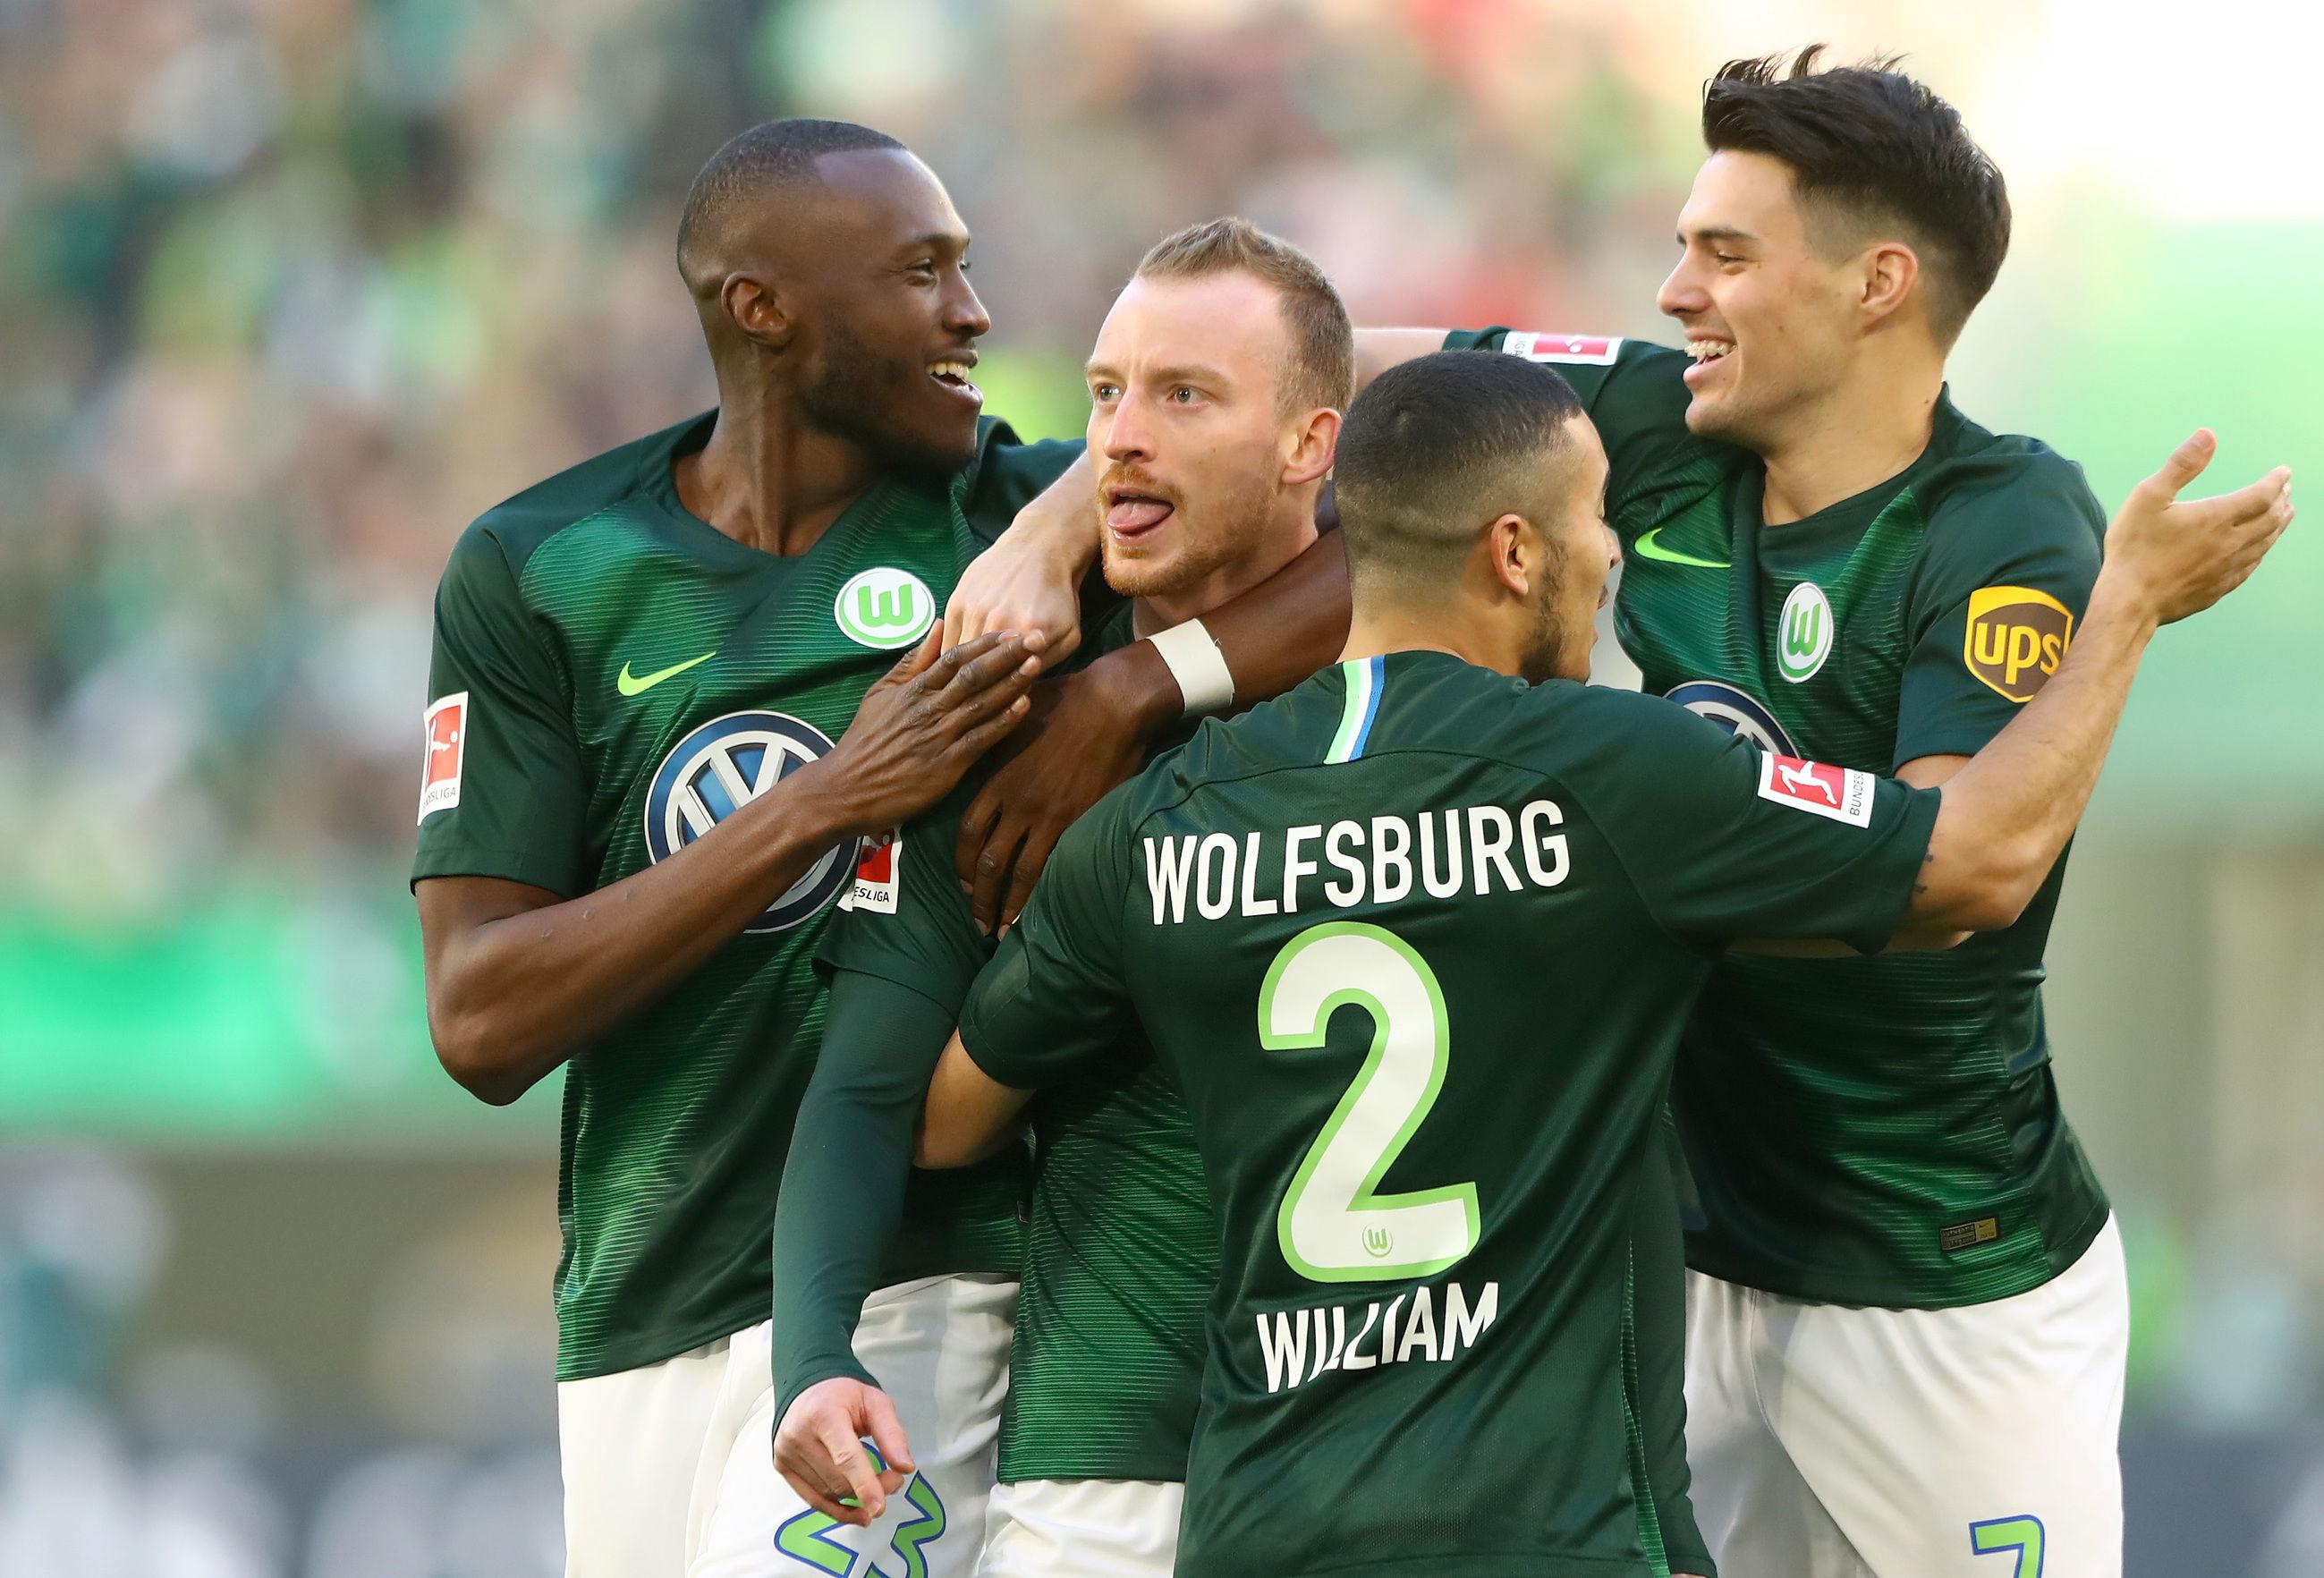 Nóng: Một CLB Bundesliga xác nhận sang Việt Nam đá giao hữu